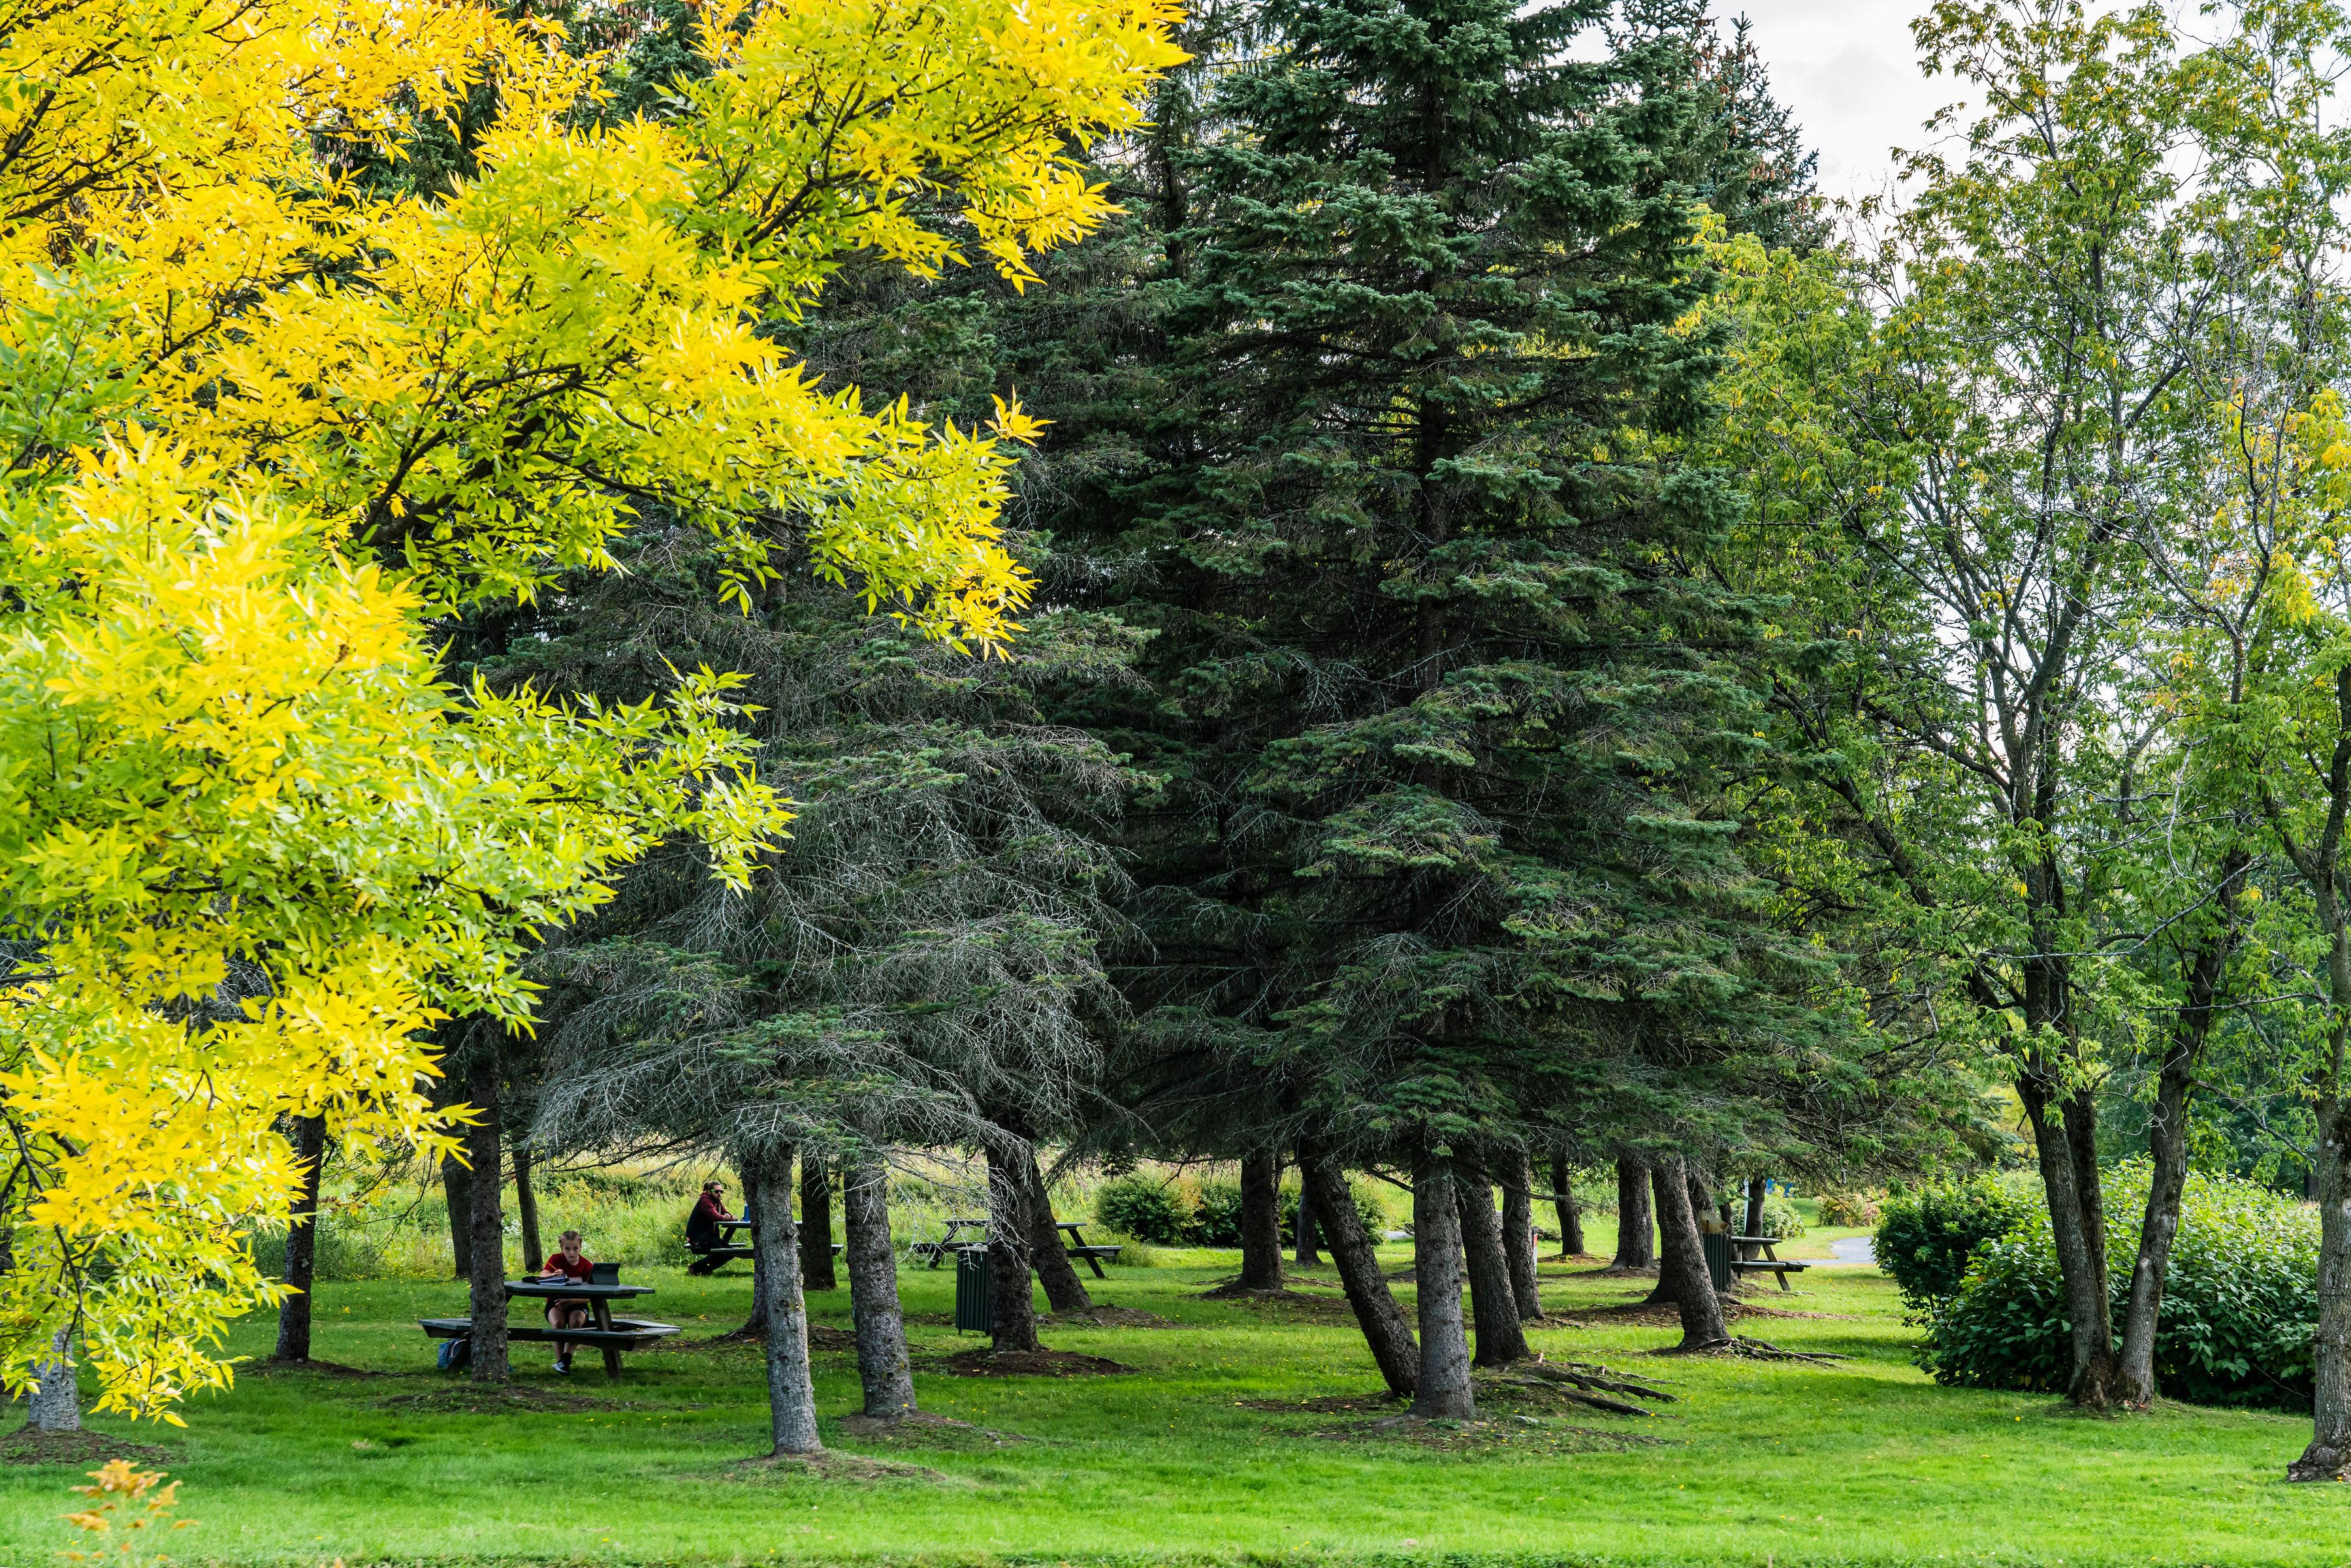 Picnic area near the pines at the Parc-nature de la Pointe-aux-Prairies.